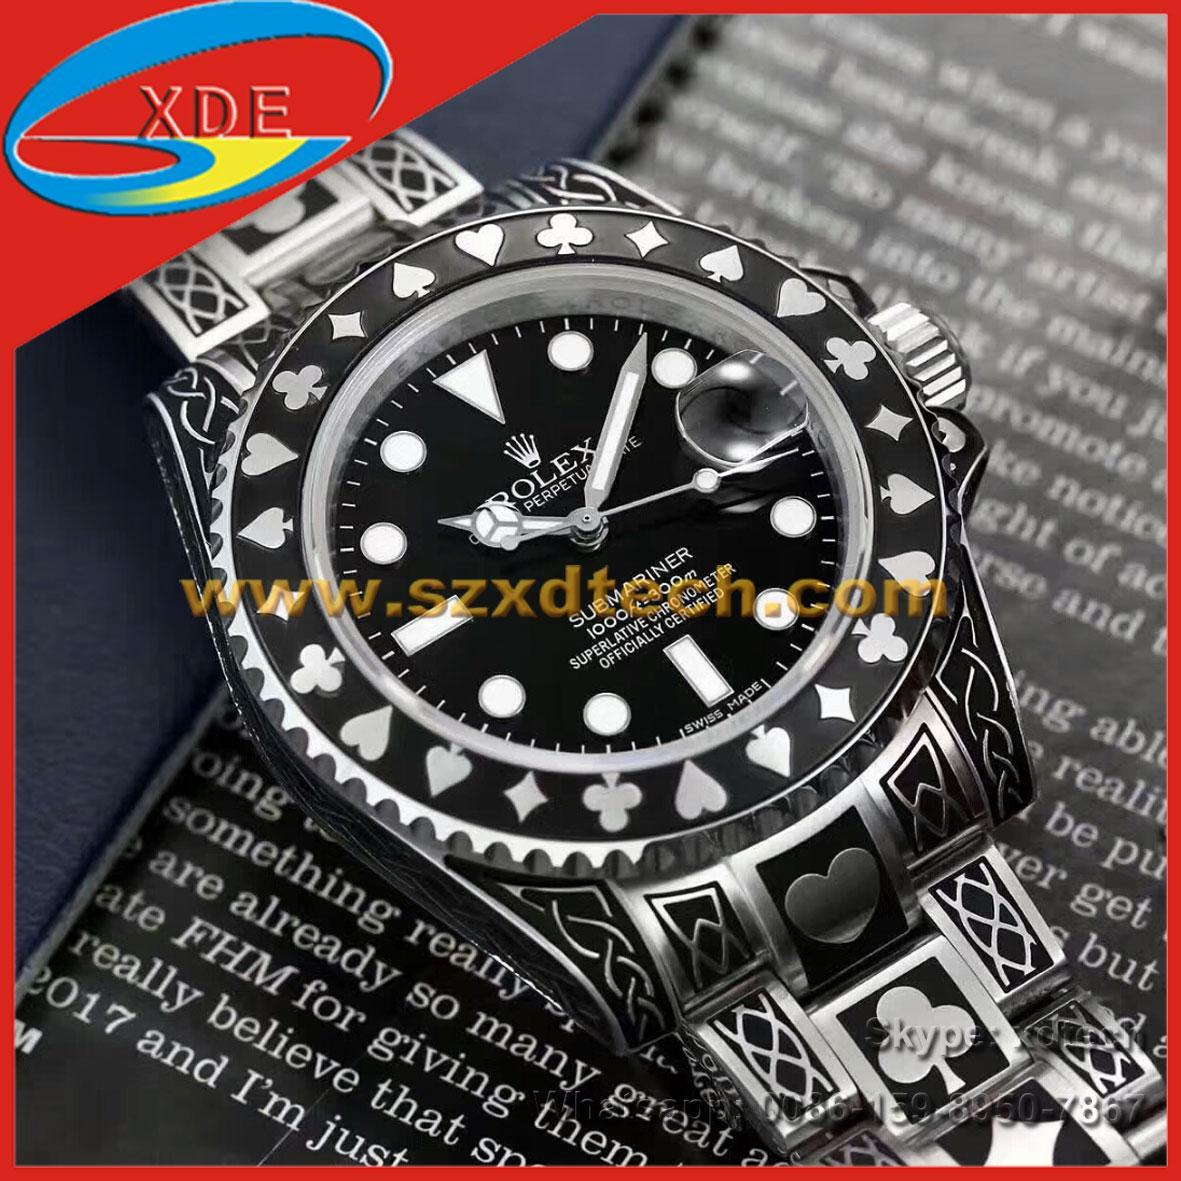 Rolex Watches Poker Design Cool Watches Rolex Submariner Rolex Wrist